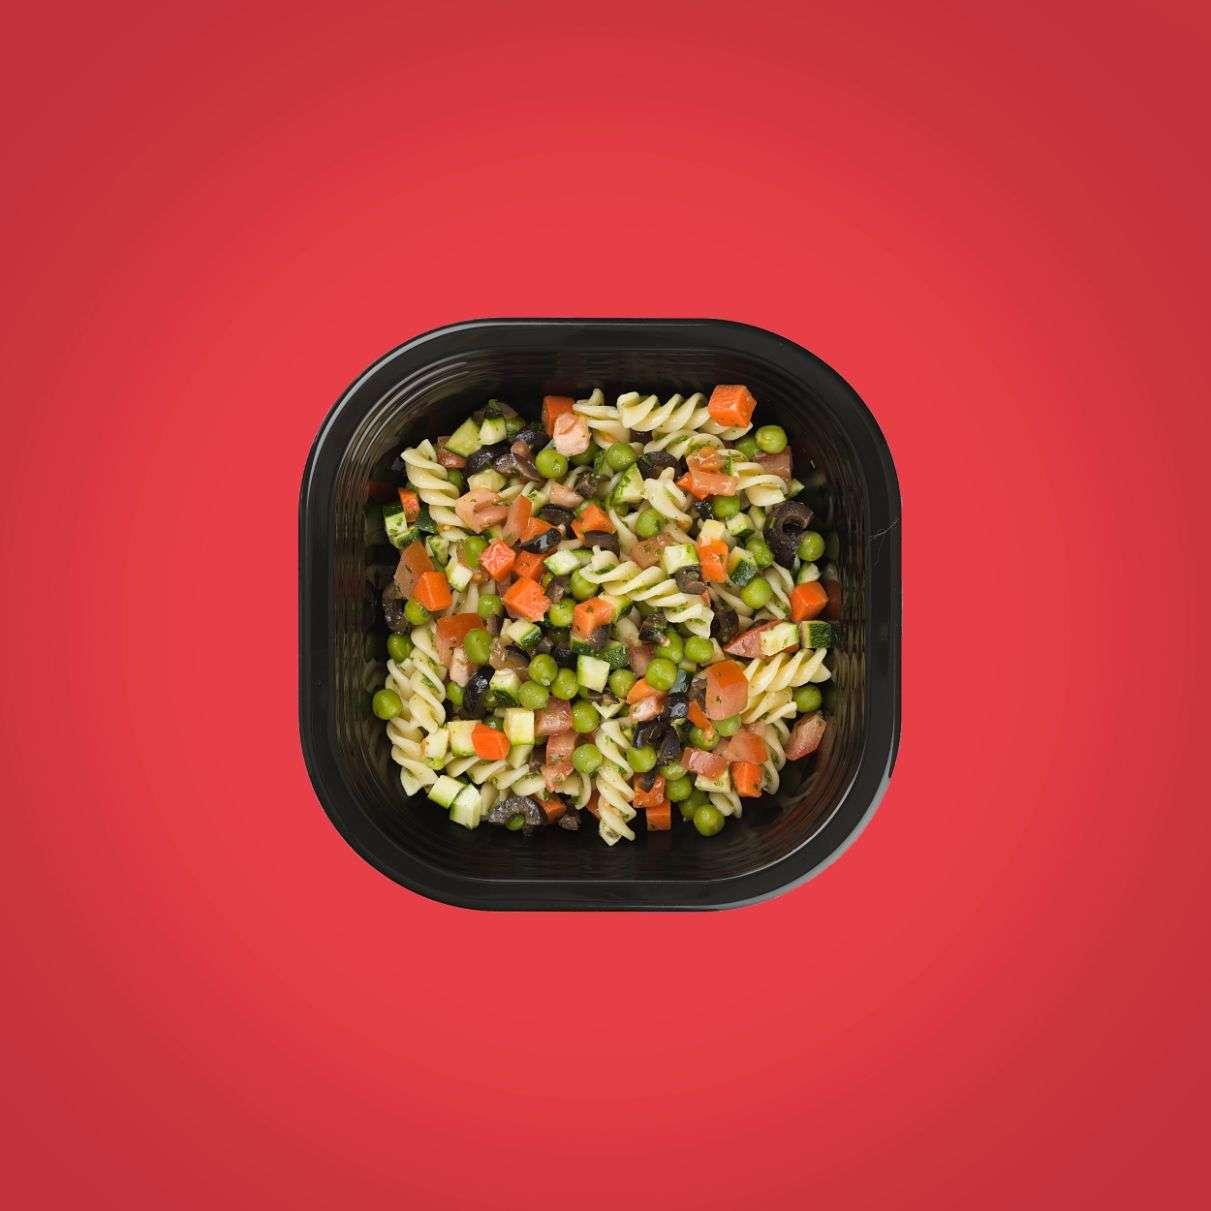 fusilli senza glutine insalata primavera piatti pronti a domicilio